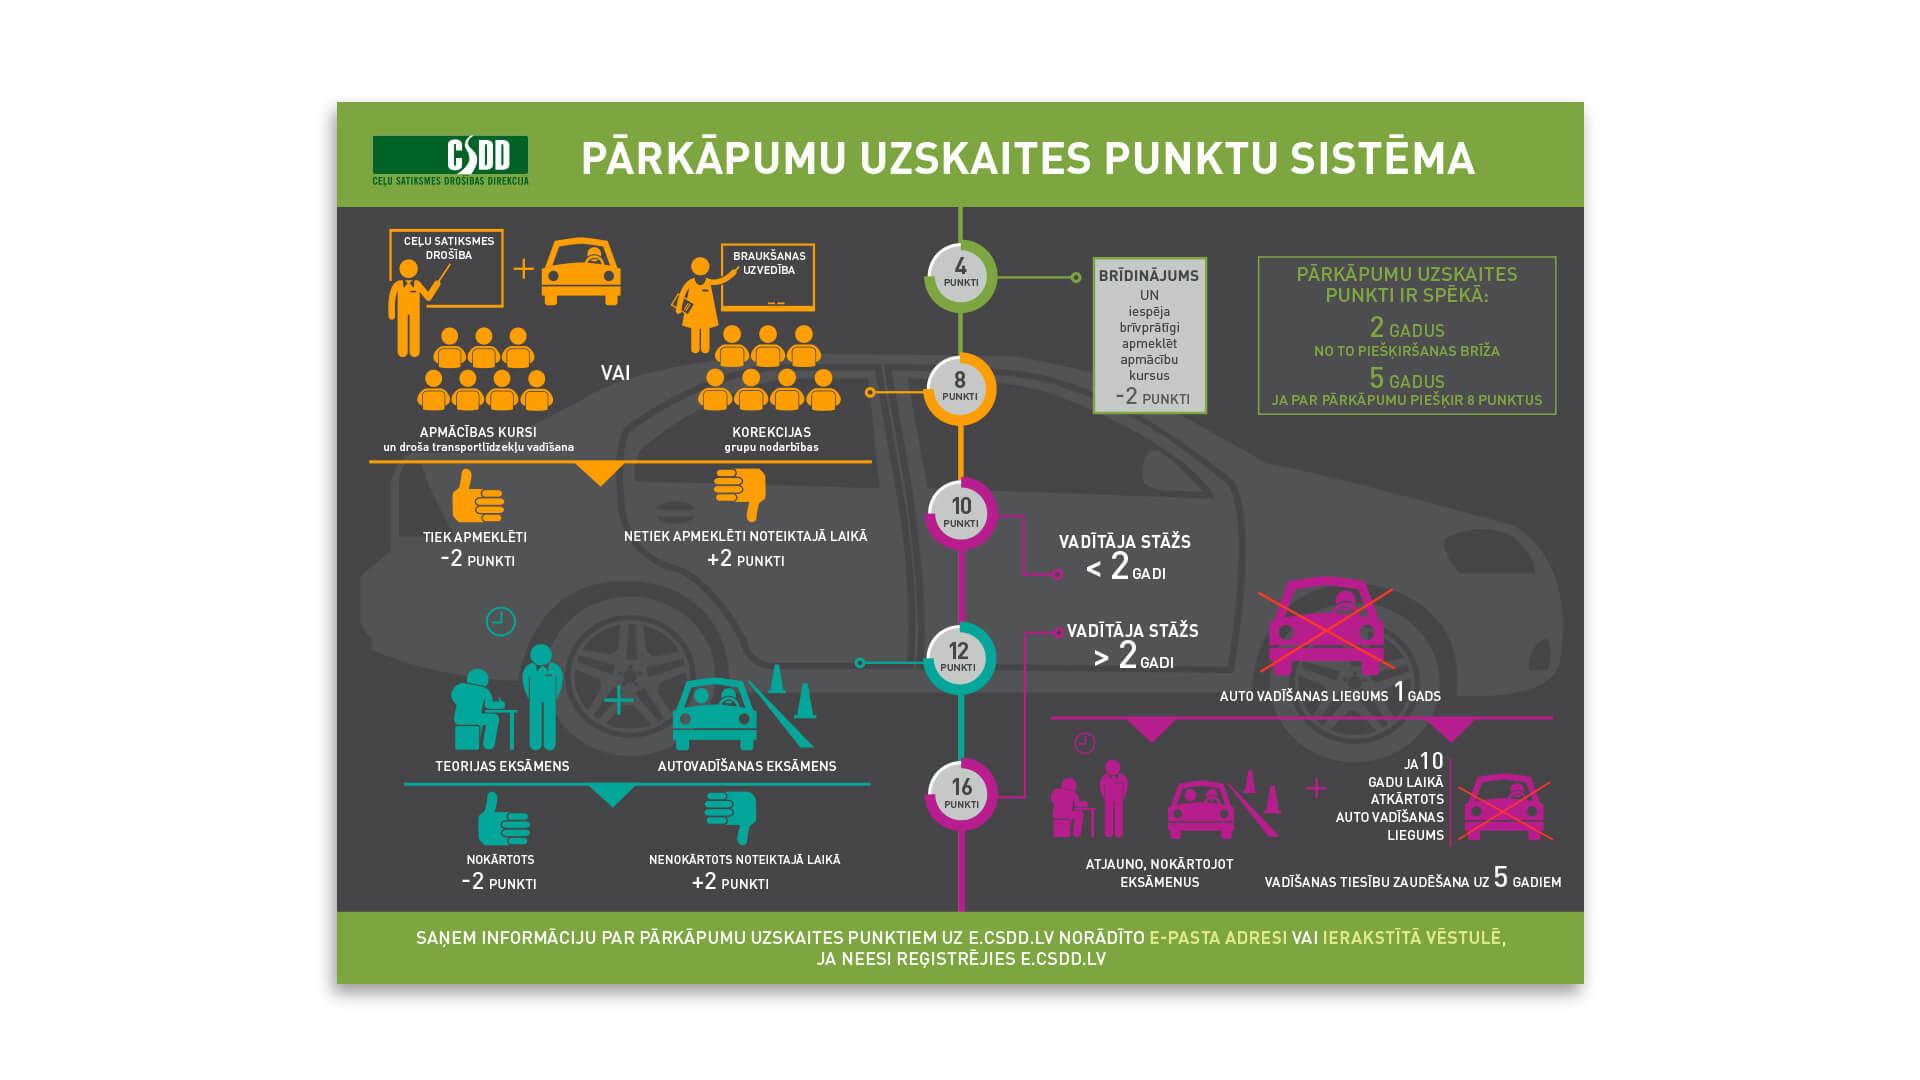 CSDD_infografika_parkapumu_uzskaites_punkti_1920x1080